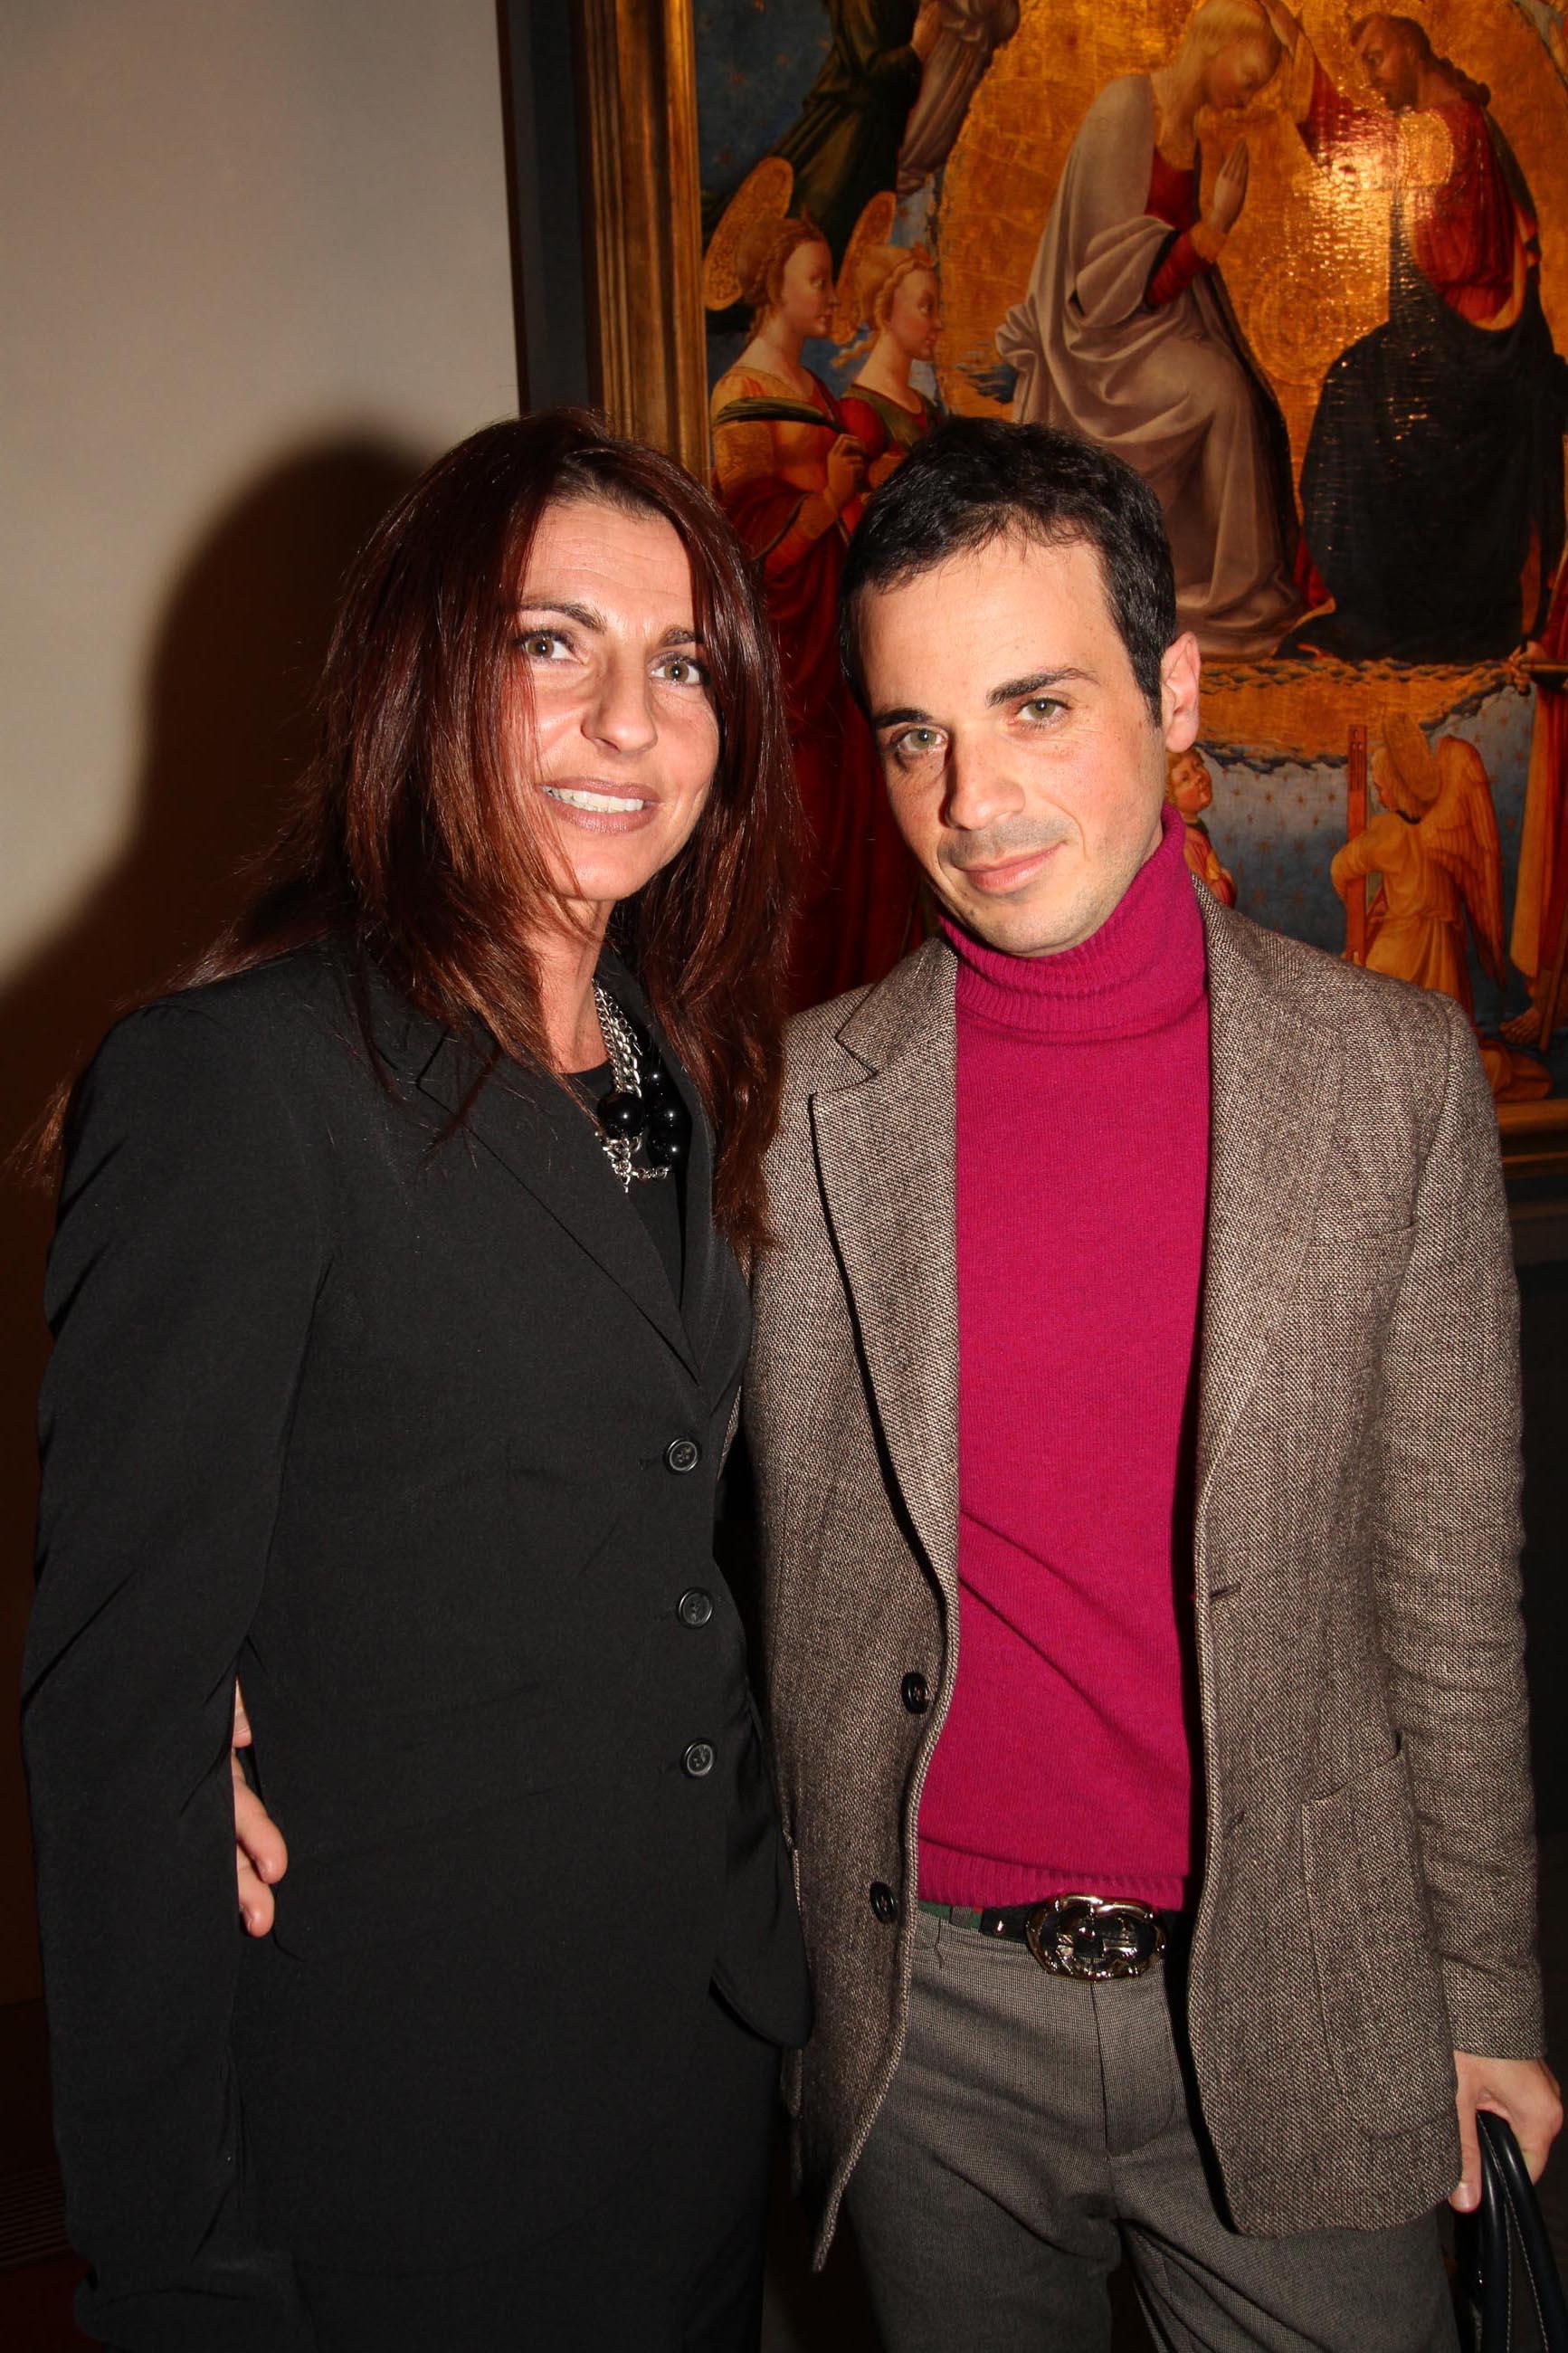 PRESSPHOTO Firenze, Asta di Gioielli d'epoca all' Istituto degli Innocenti. Nella foto Luciana Toccafondi e A.M. Raffaelli